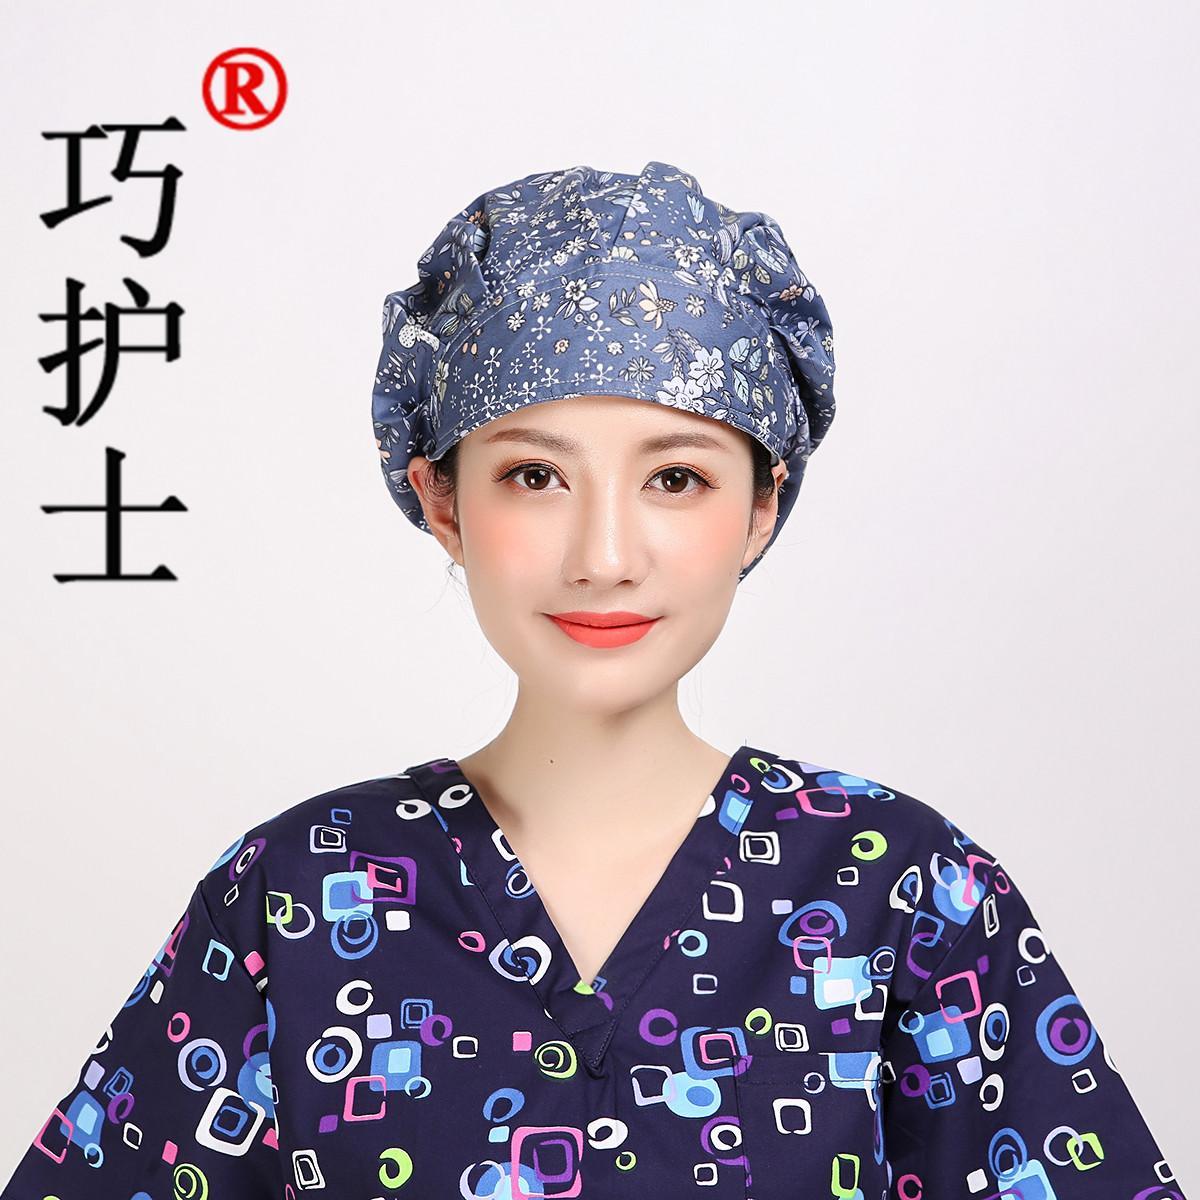 Qiao Perawat Topi Rumahan Kebersihan Topi Tidur Kartun Sorban